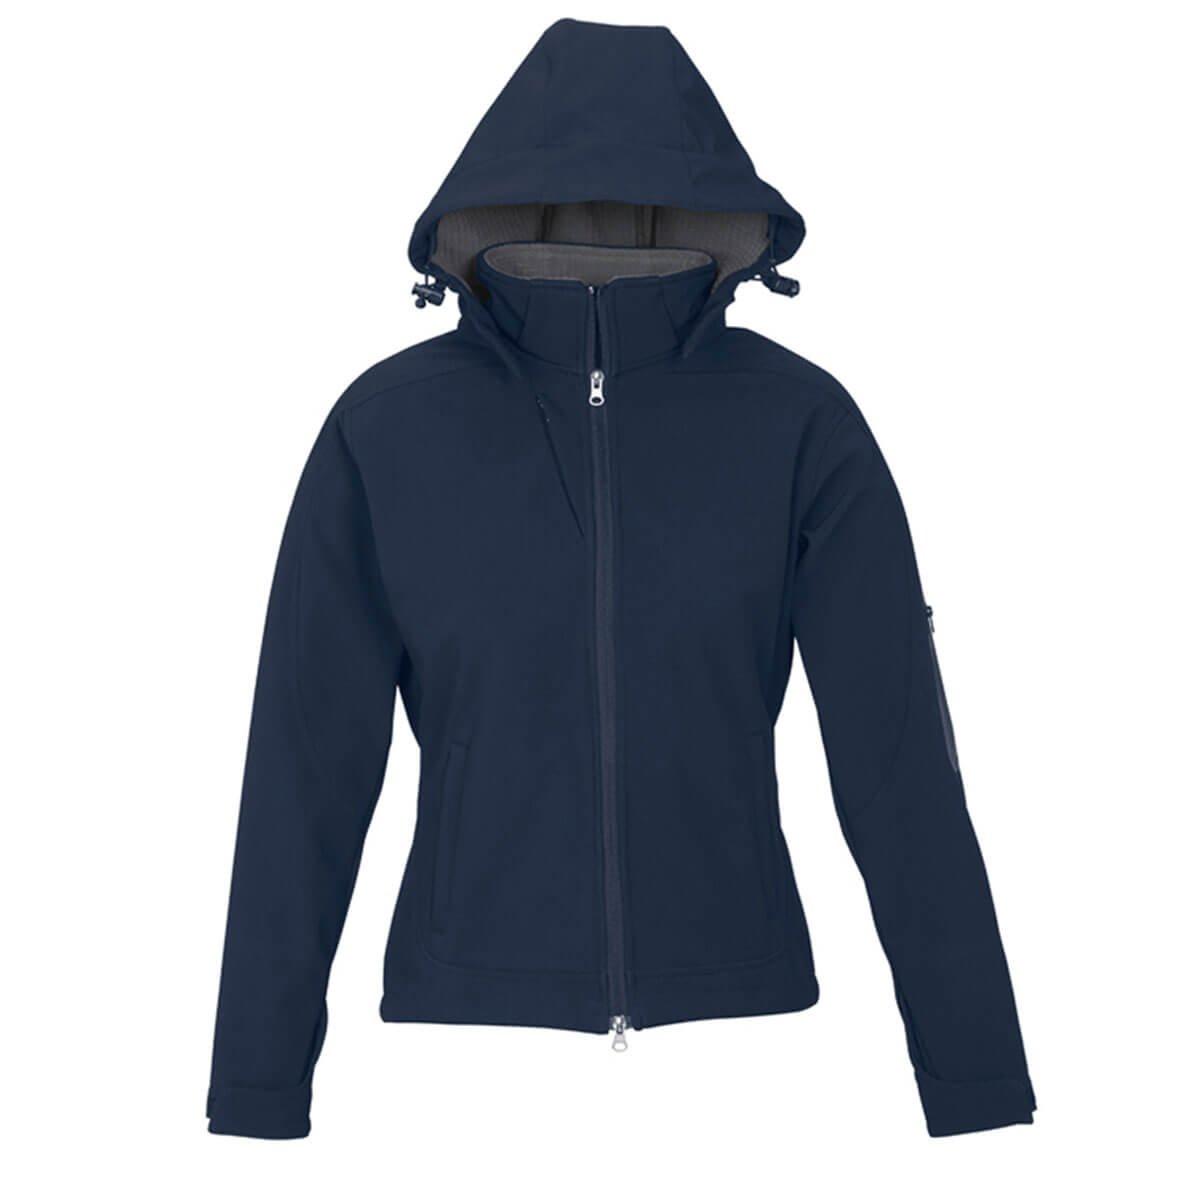 Ladies Summit Jacket-Navy / Graphite